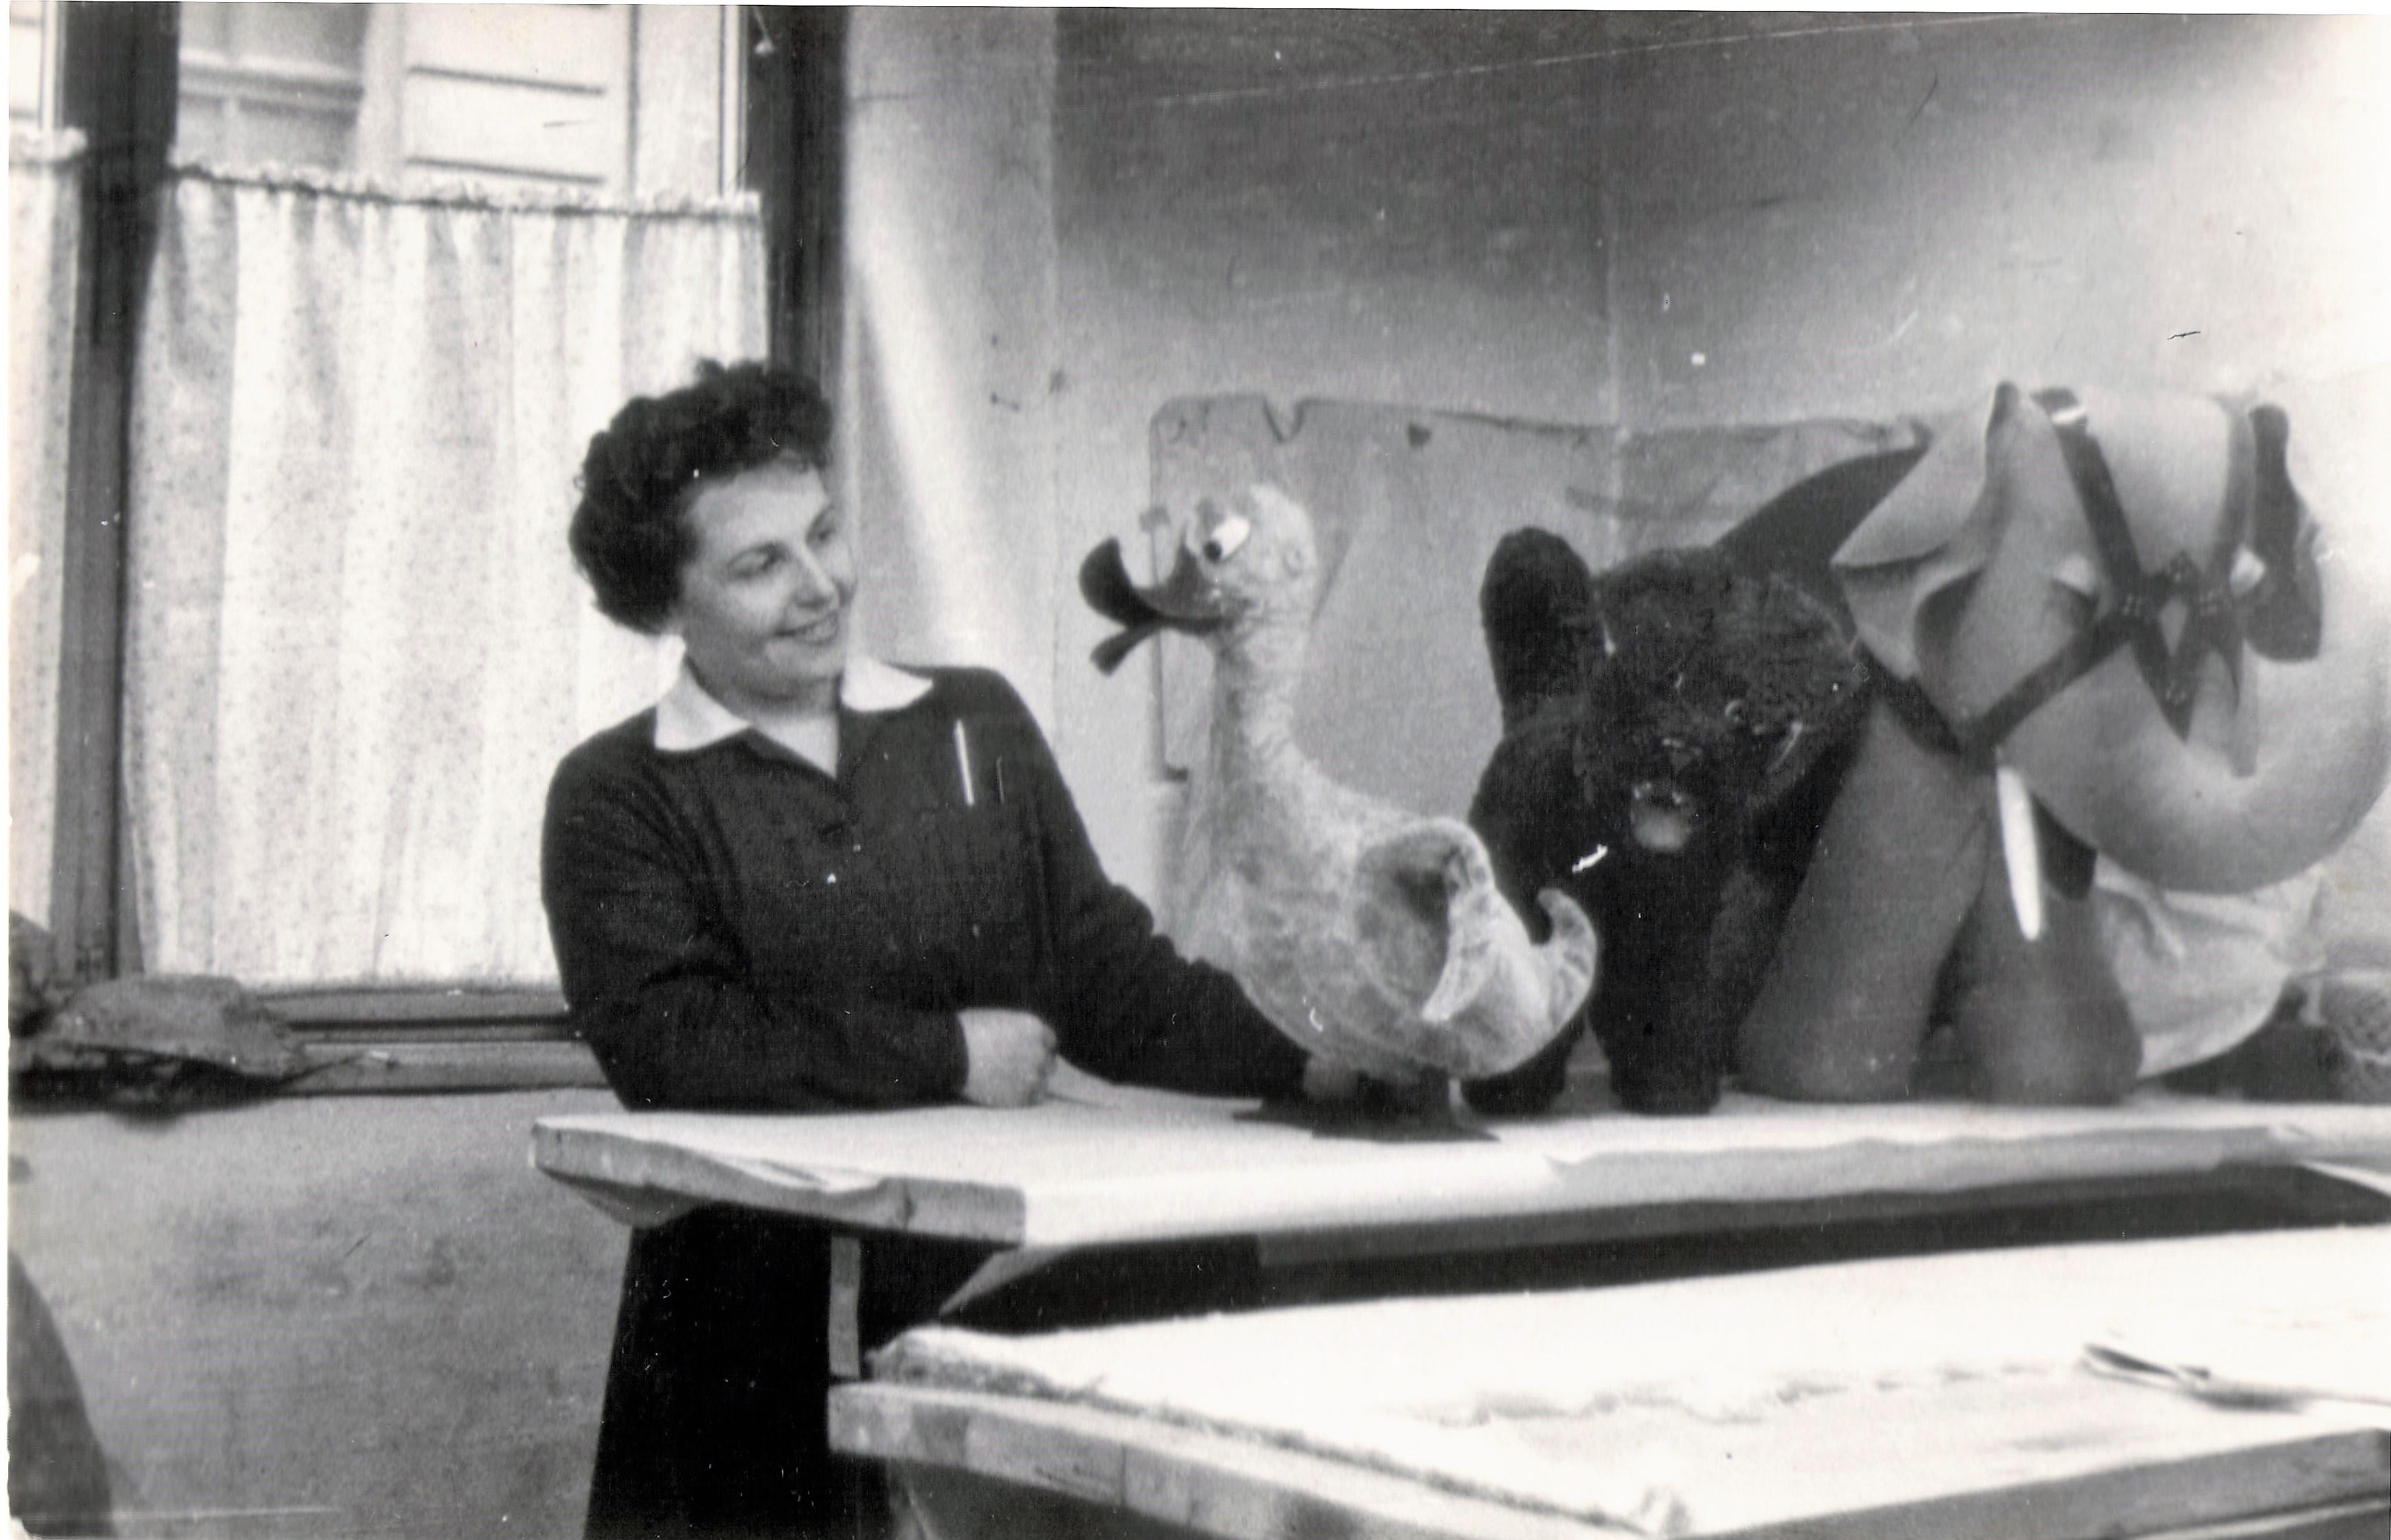 1960_05_11_papi_maria_textiljatek_jatekokkal-1.jpg